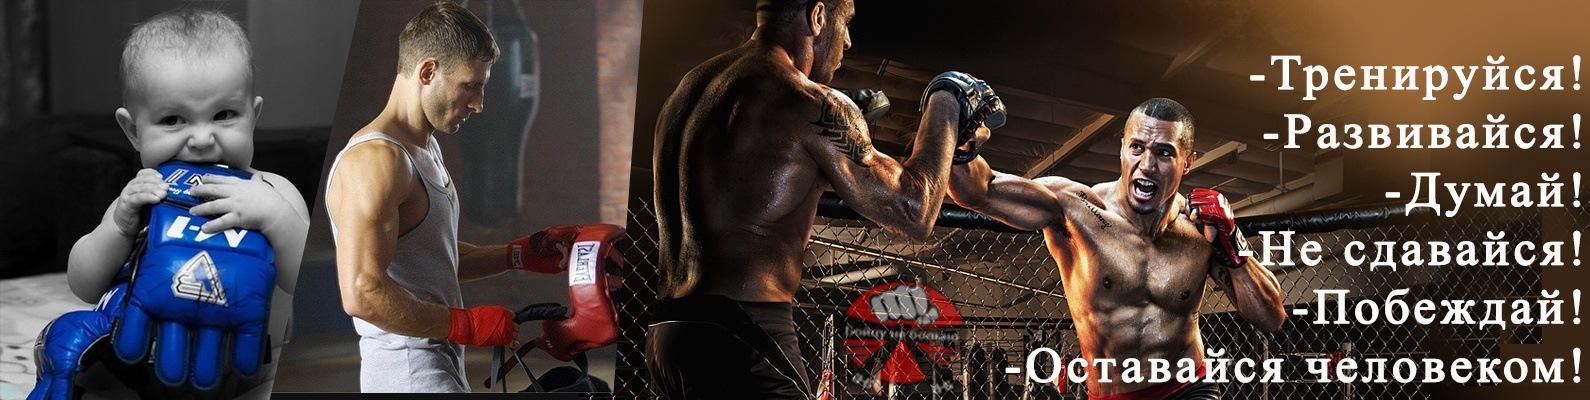 мотивирующие картинки про бокс этому герою огромное